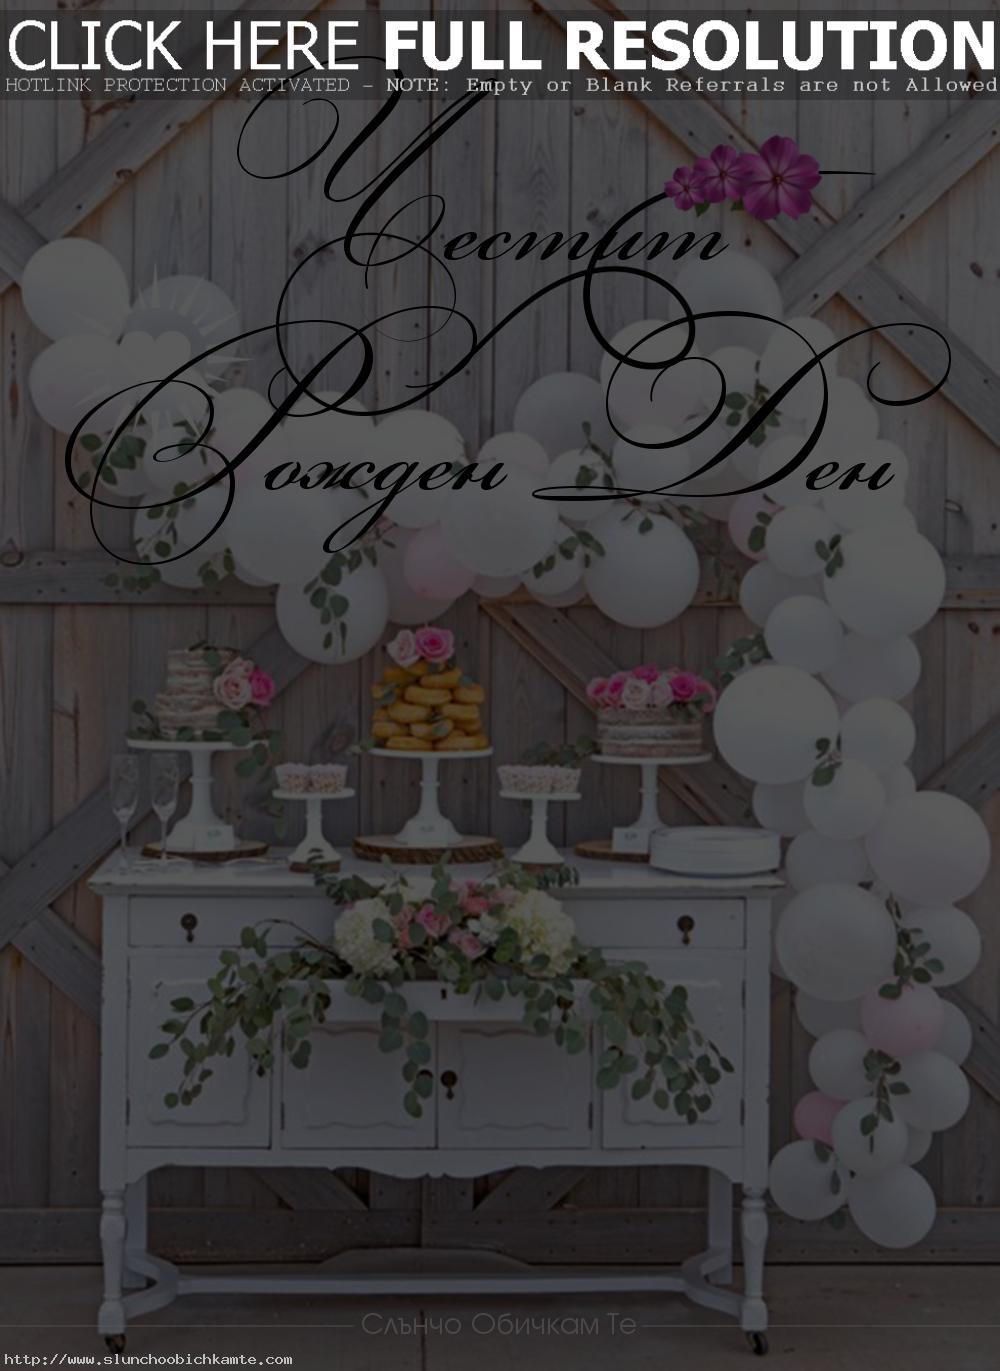 Пожелания за рожден ден, цветя и торта, празнична маса, рожден ден жена, рожден ден приятелка - Честит Рожден Ден с най-добри пожелания!